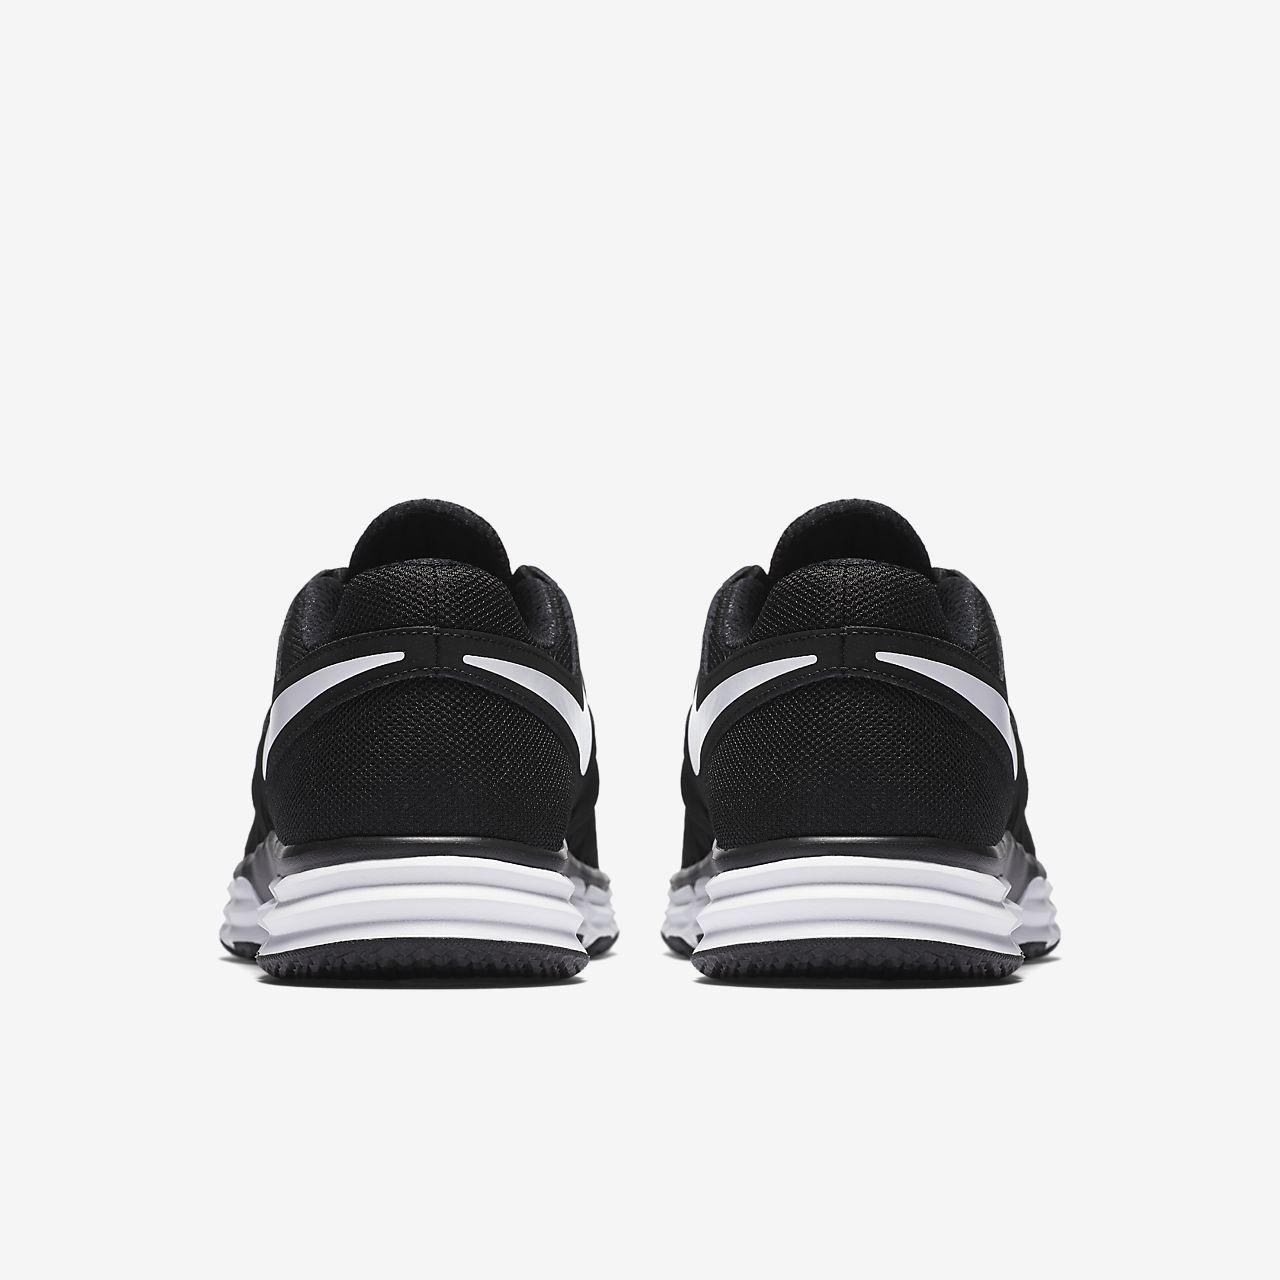 33ede3a20783 Nike Lunar Fingertrap (Extra Wide) TR Men s Training Shoe. Nike.com